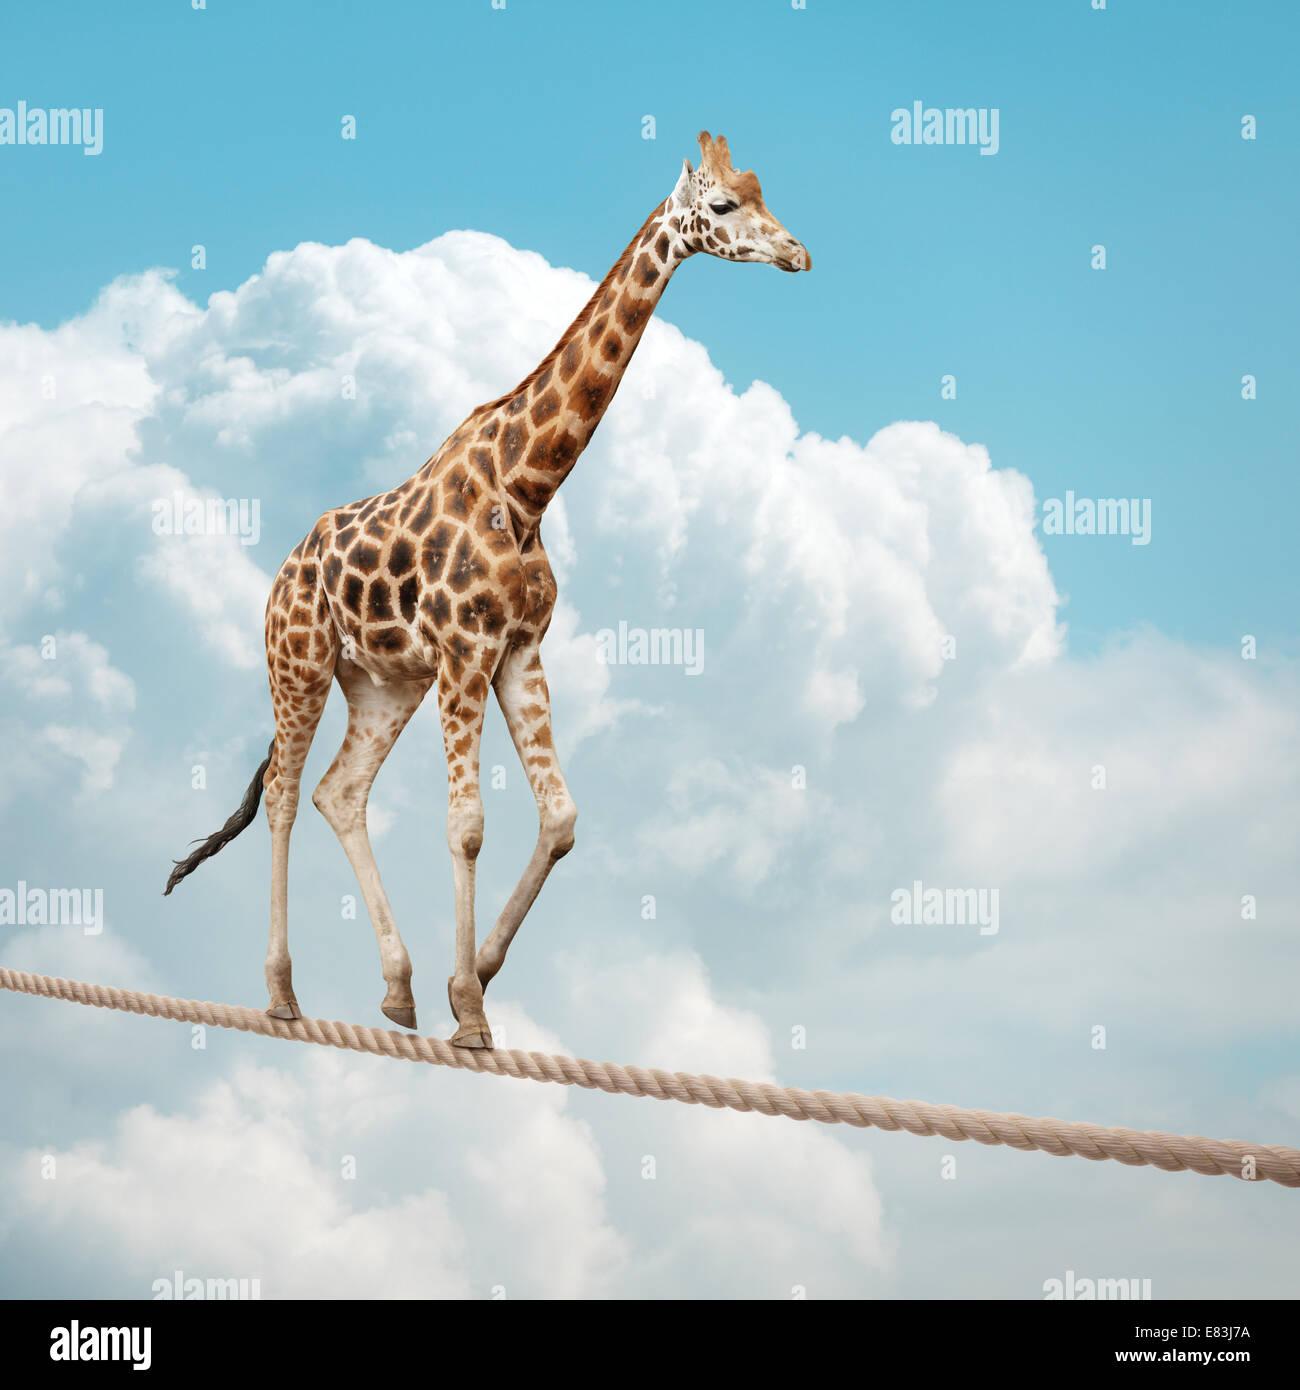 La giraffa in equilibrio su una fune Immagini Stock